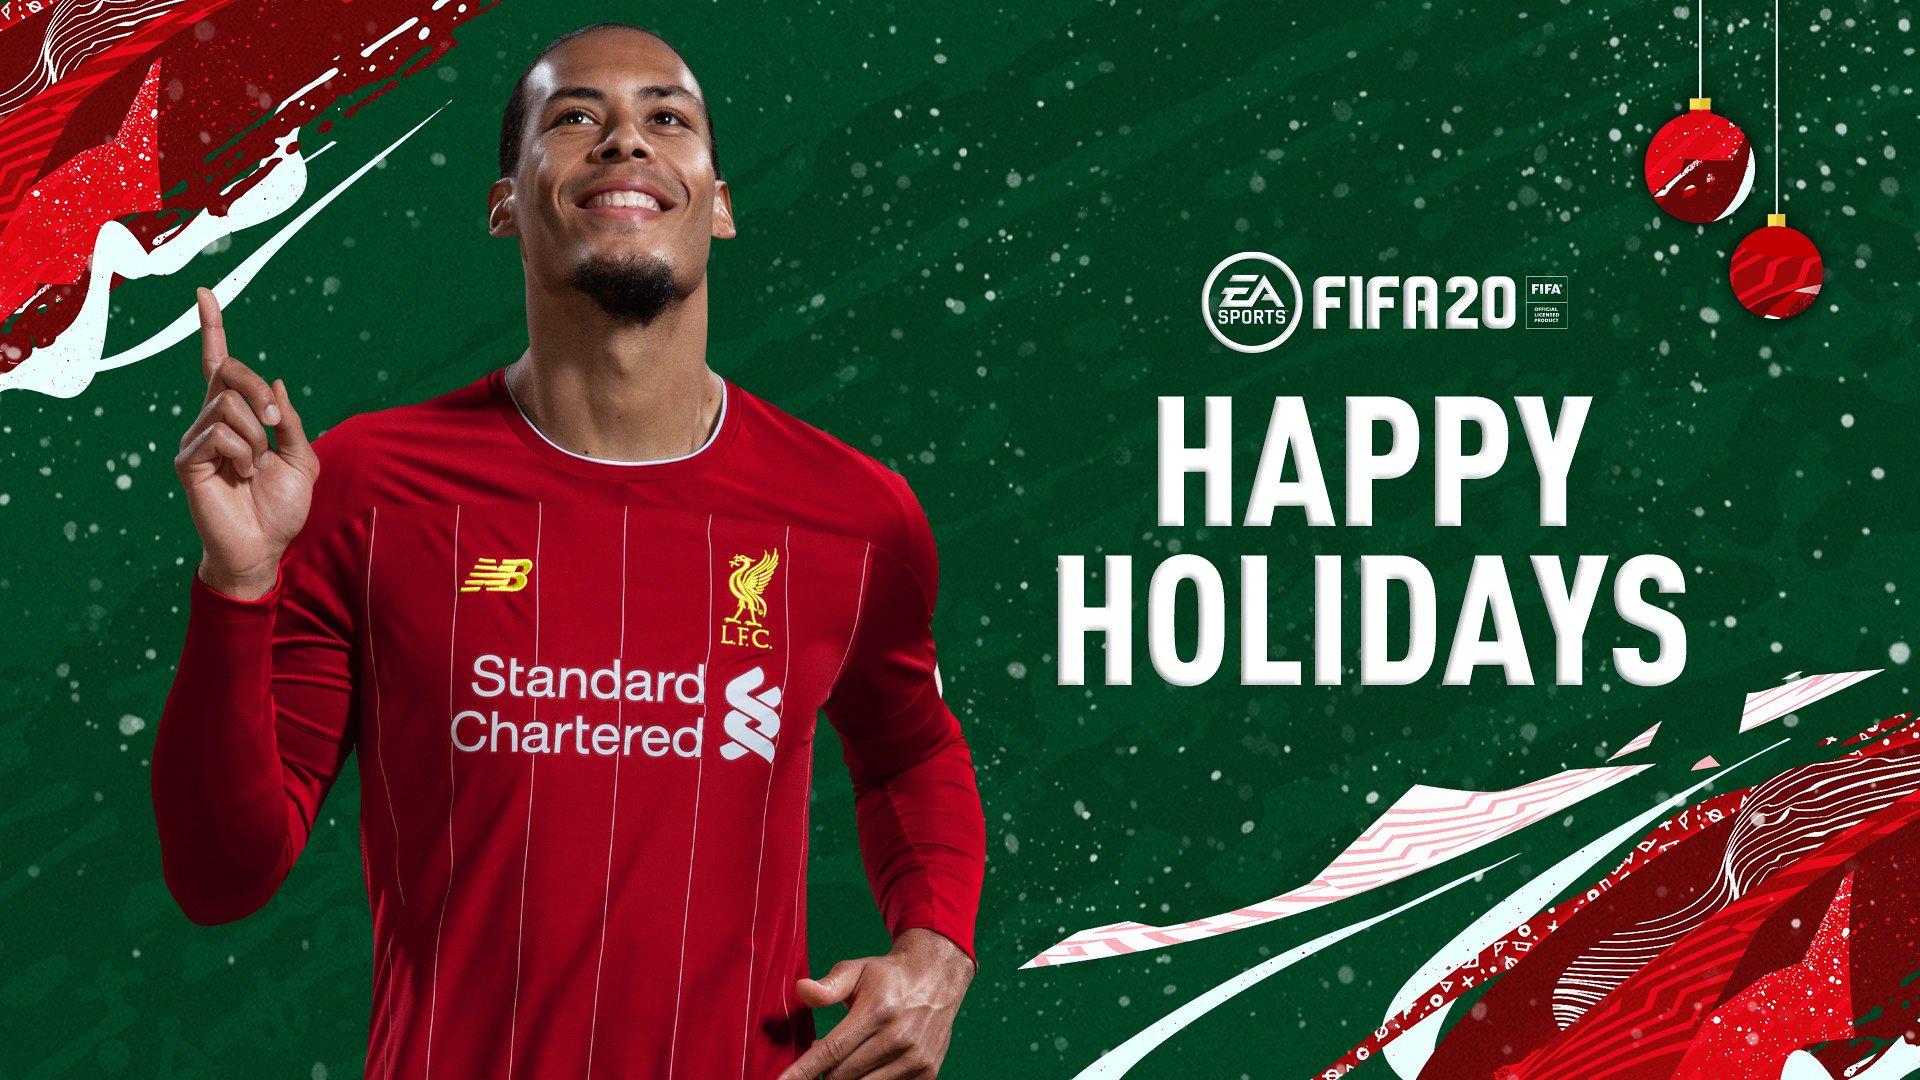 Fifa 20 Happy Holidays Wallpaper